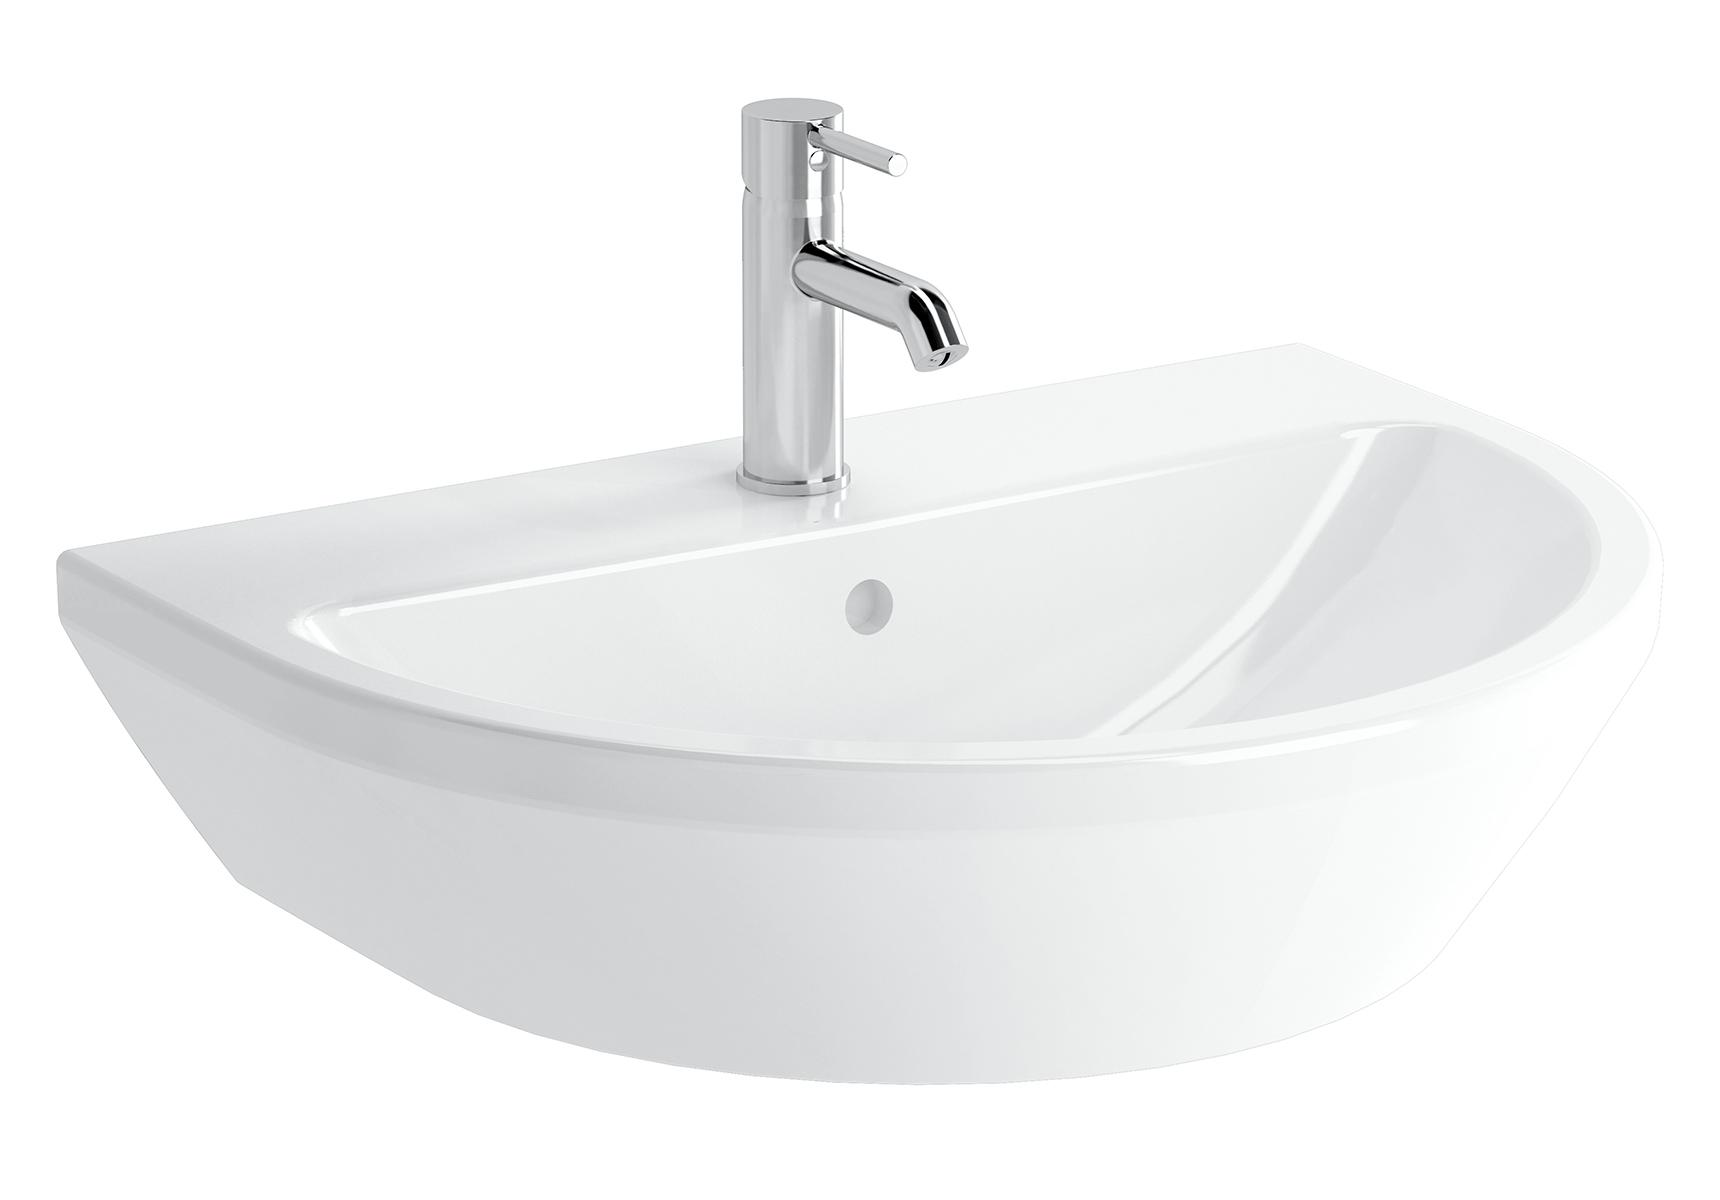 Integra lavabo rond, 65 cm, avec trou de robinet, avec trop-plein